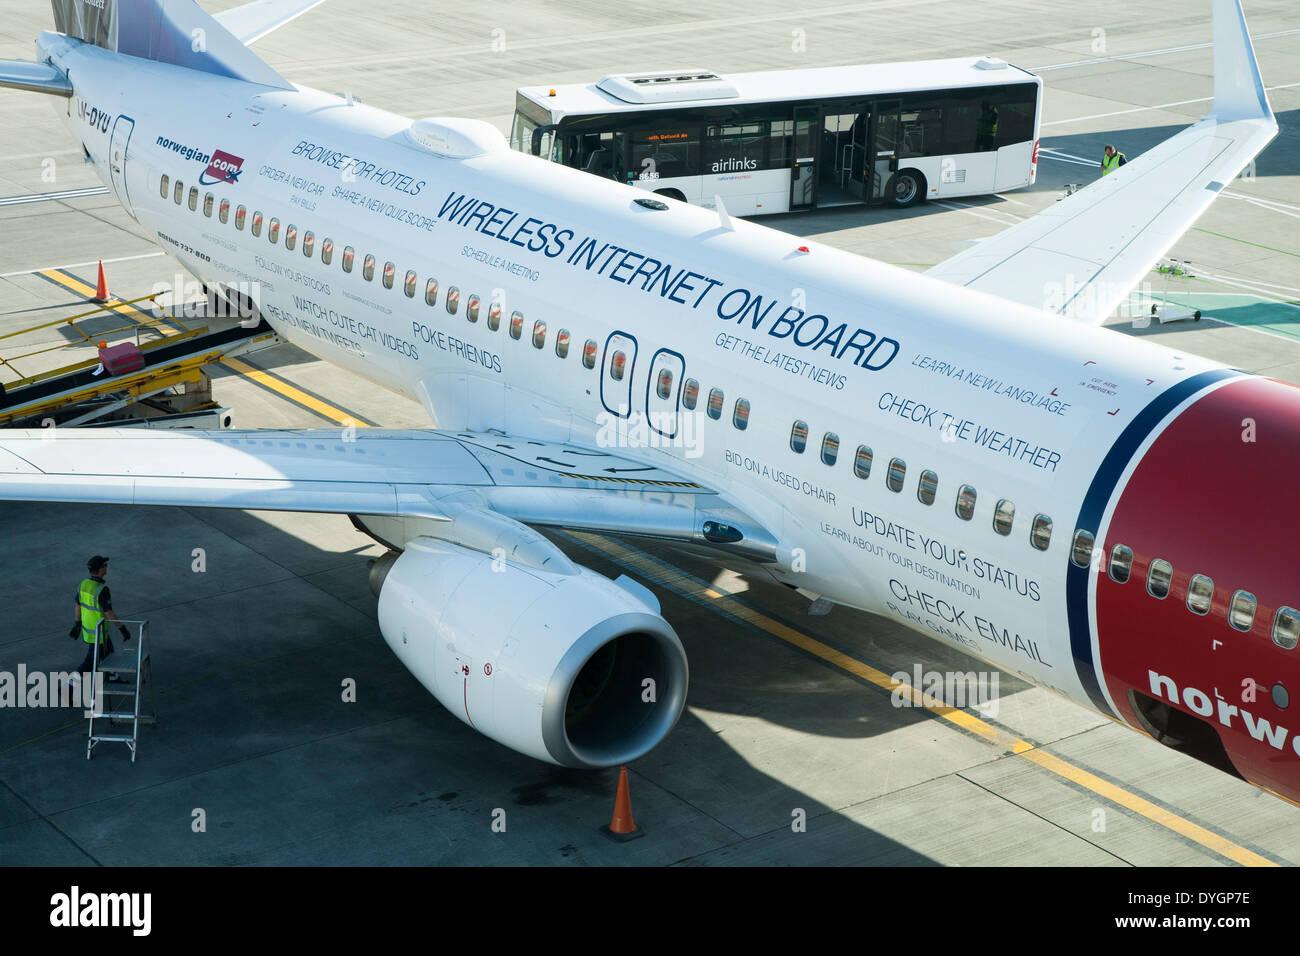 Norwegian.com aeroplano / piano verniciato per promuovere / pubblicizzare gratuitamente mobile internet wifi per i passeggeri a bordo dell aeromobile Immagini Stock